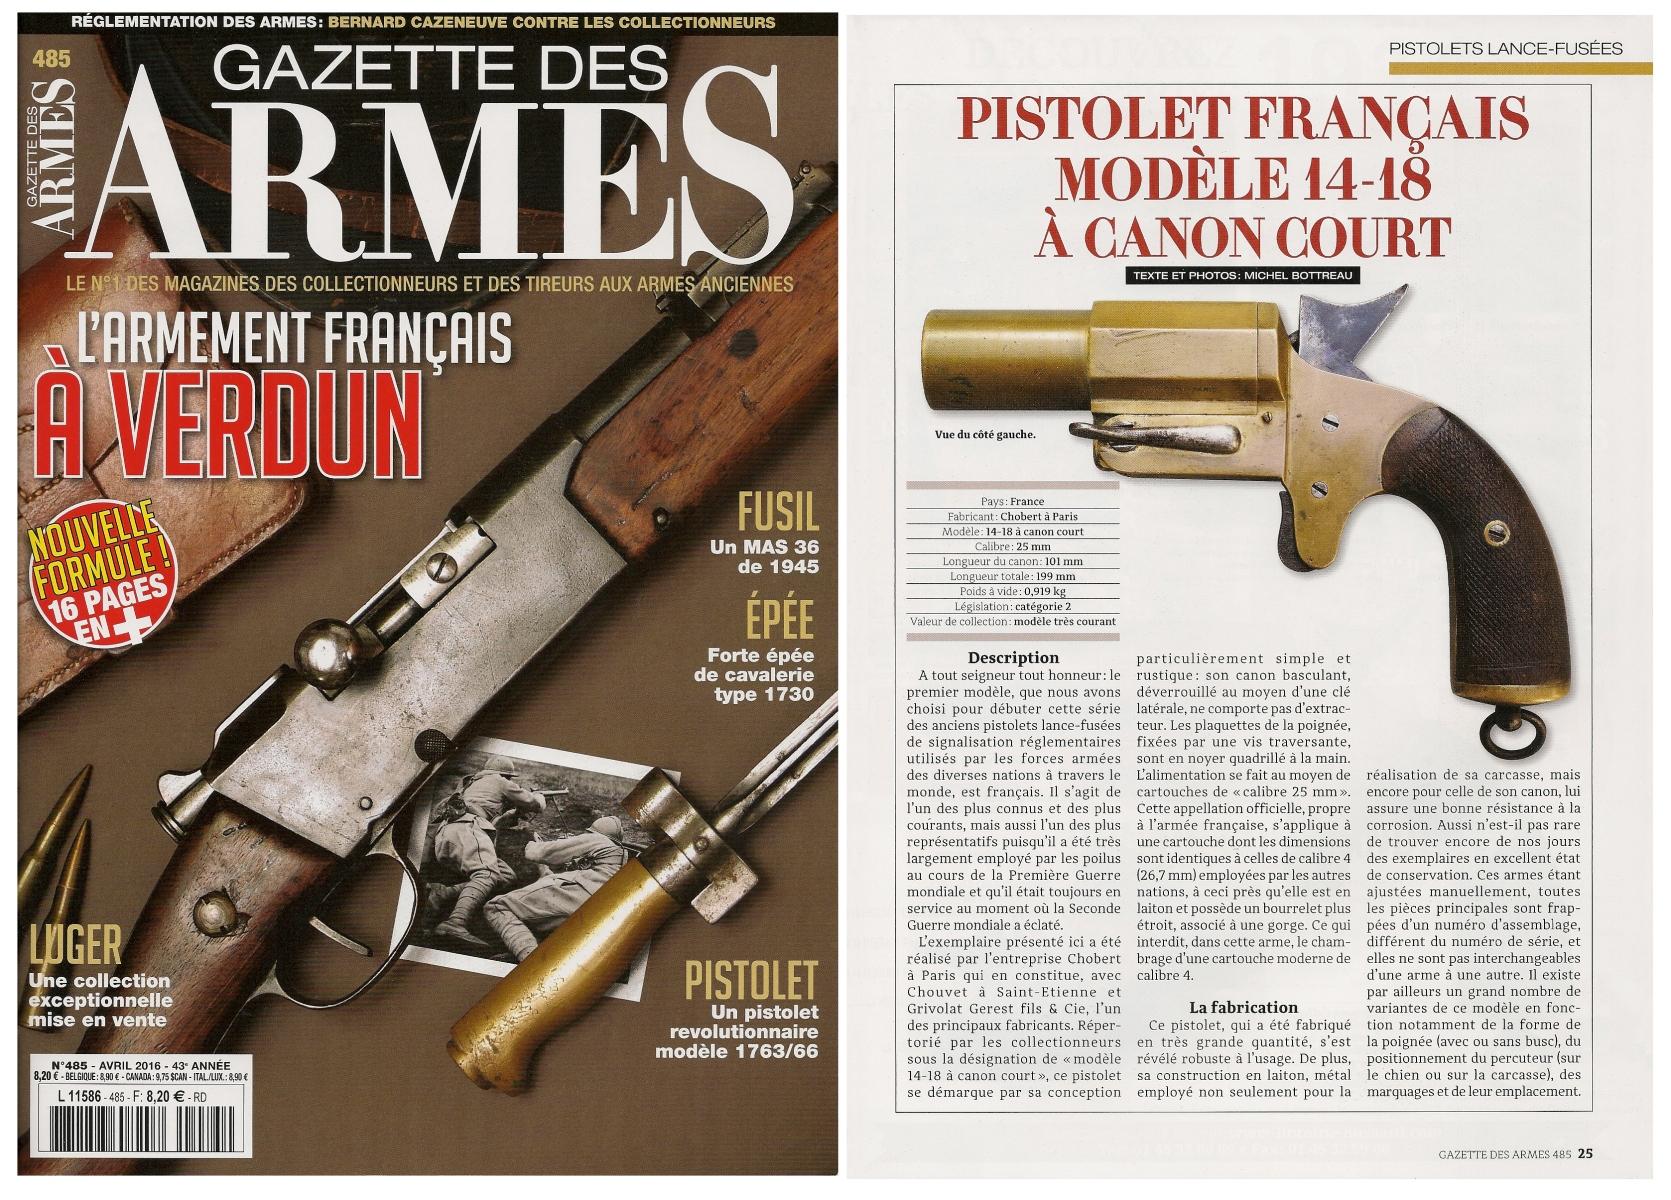 Un modèle de pistolet lance-fusées différent est présenté chaque mois dans la Gazette des Armes depuis que ce magazine a adopté sa nouvelle formule, autrement dit depuis le n° 485 (avril 2016).